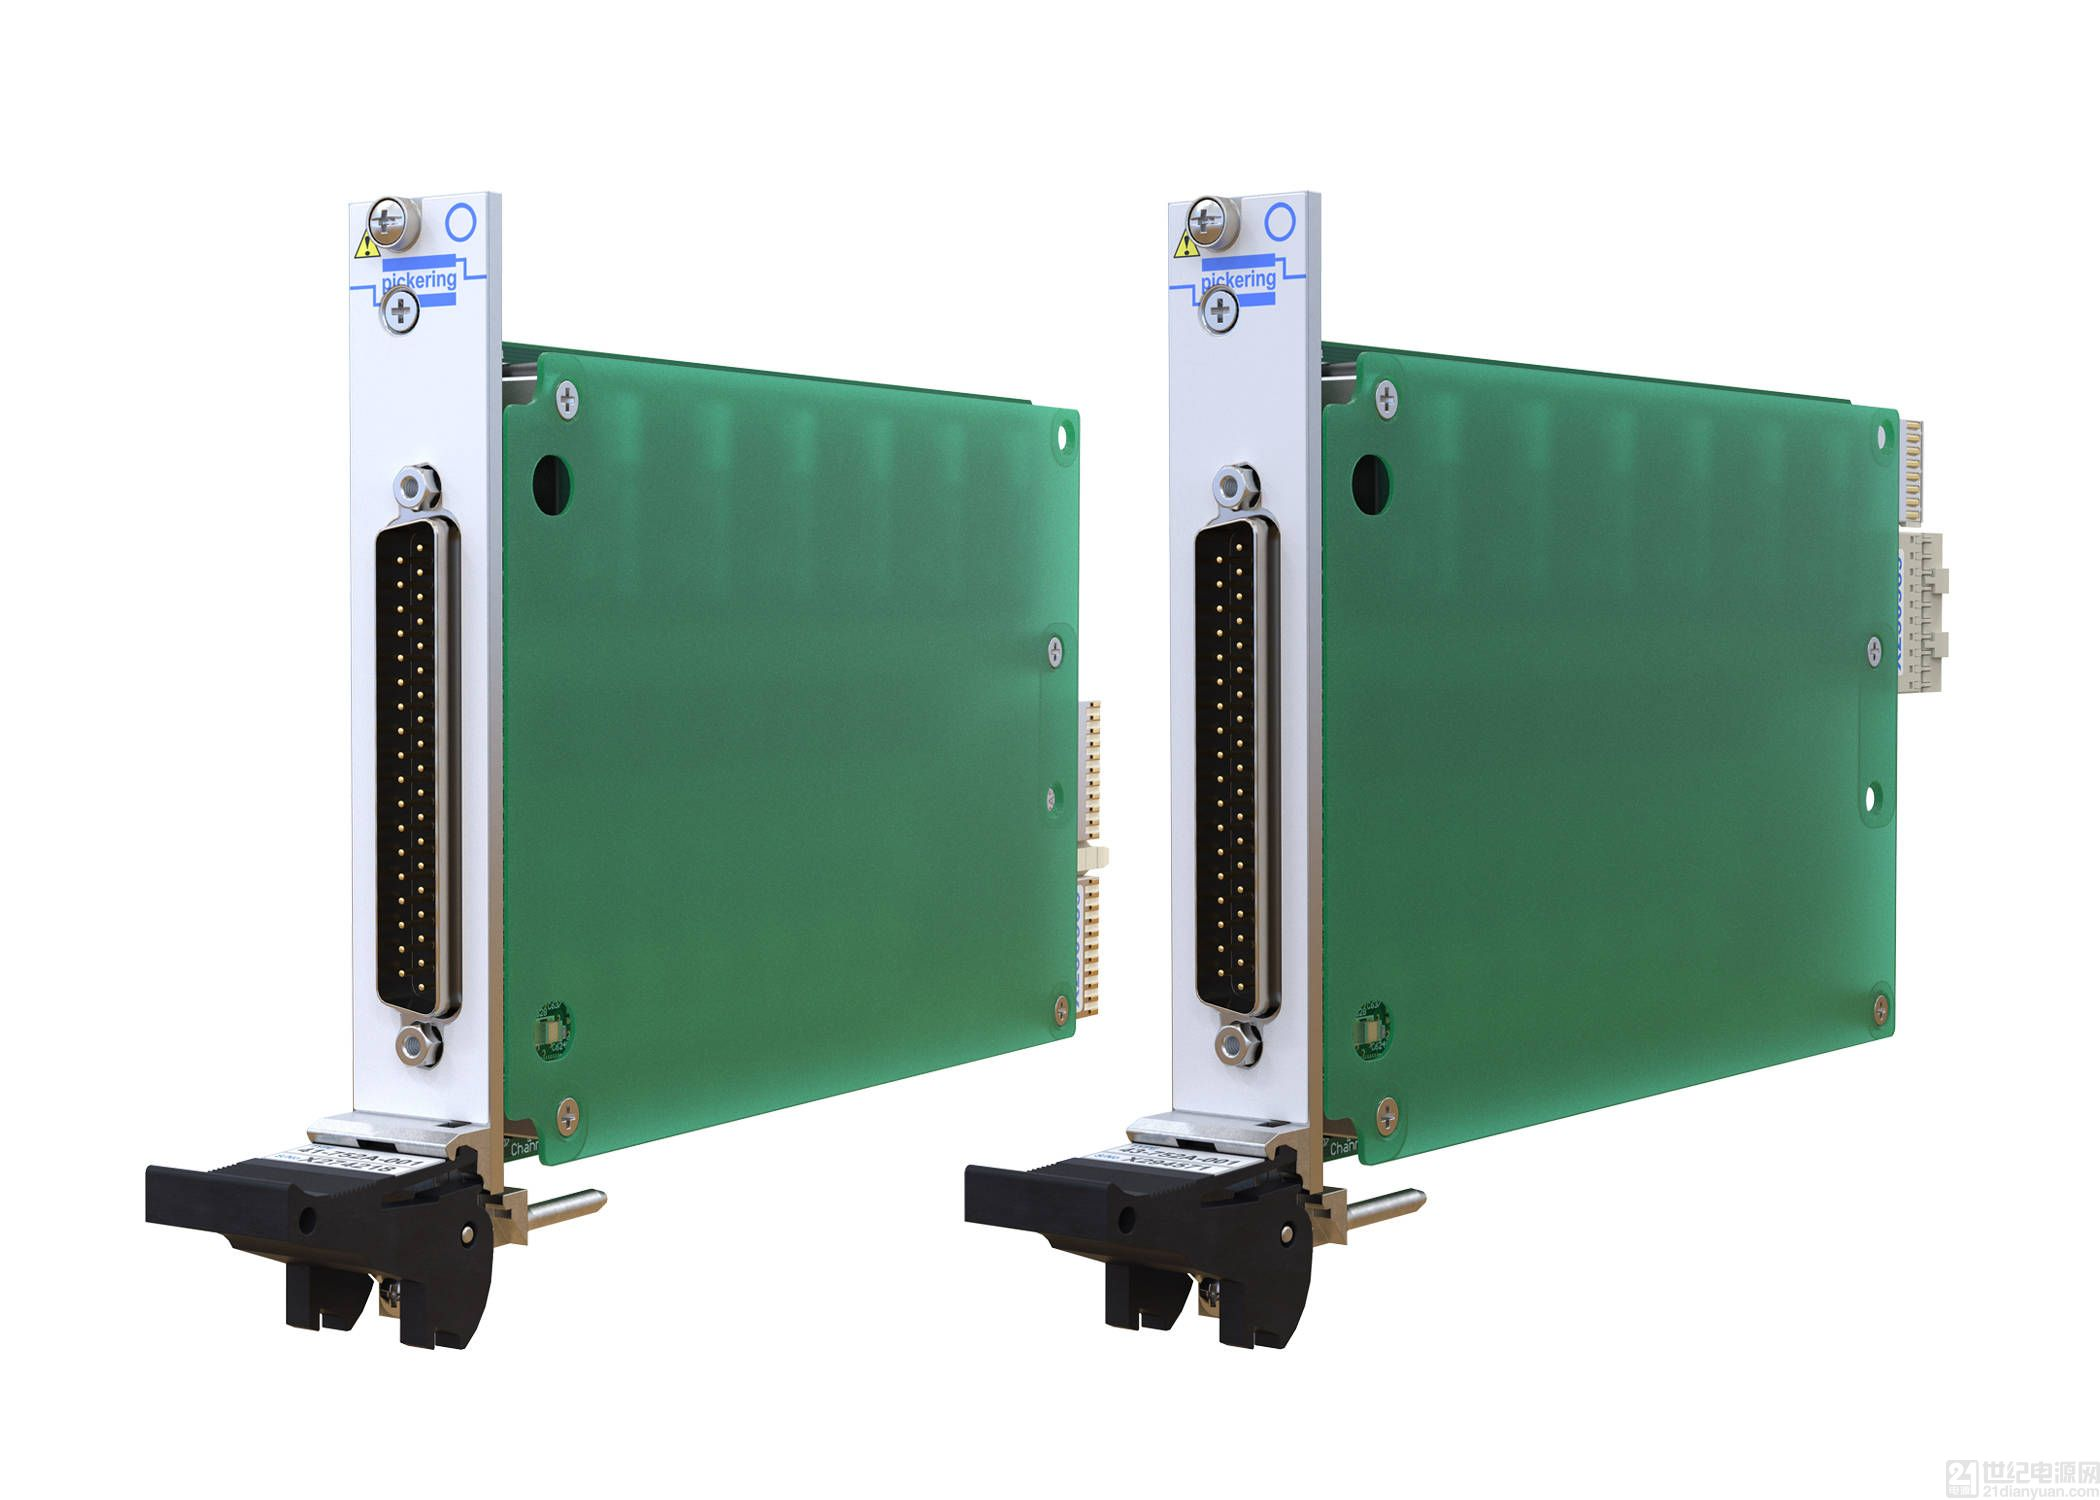 英国Pickering公司推出新款PXI多单体电池仿真模块